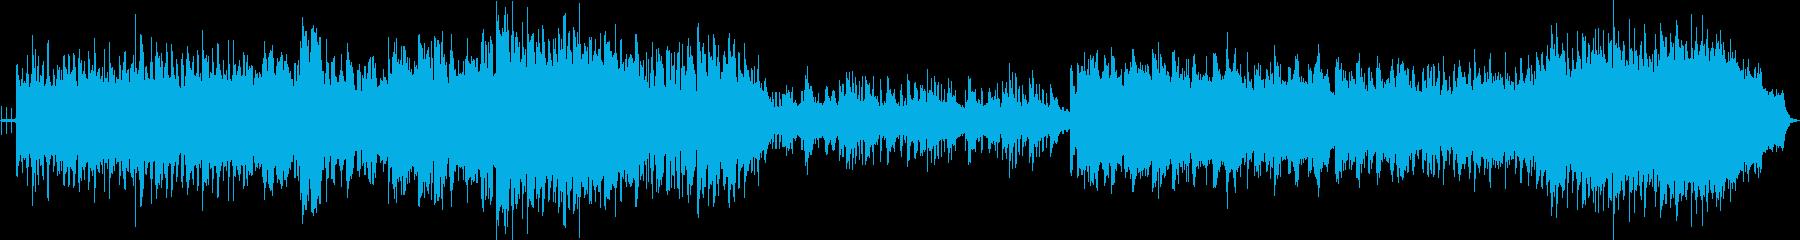 天空の城備中高松城のかっこいいテーマ曲の再生済みの波形